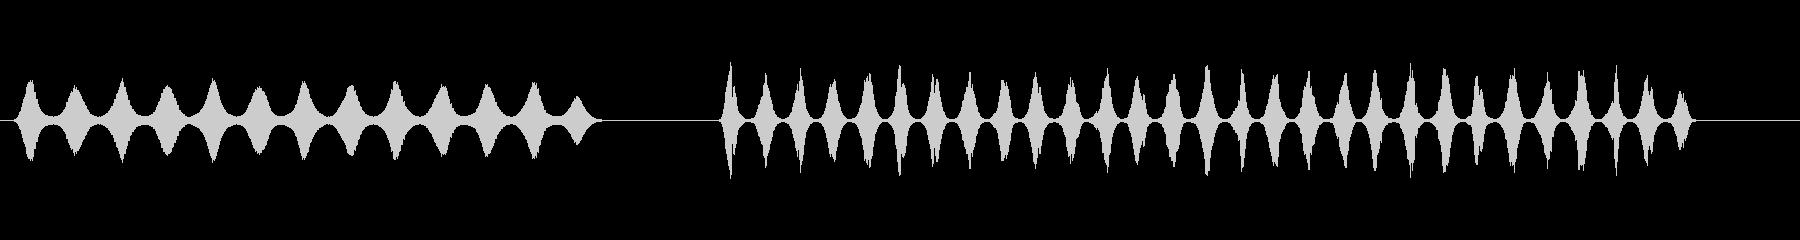 電気電気ハムドップラー、低速、高速の未再生の波形